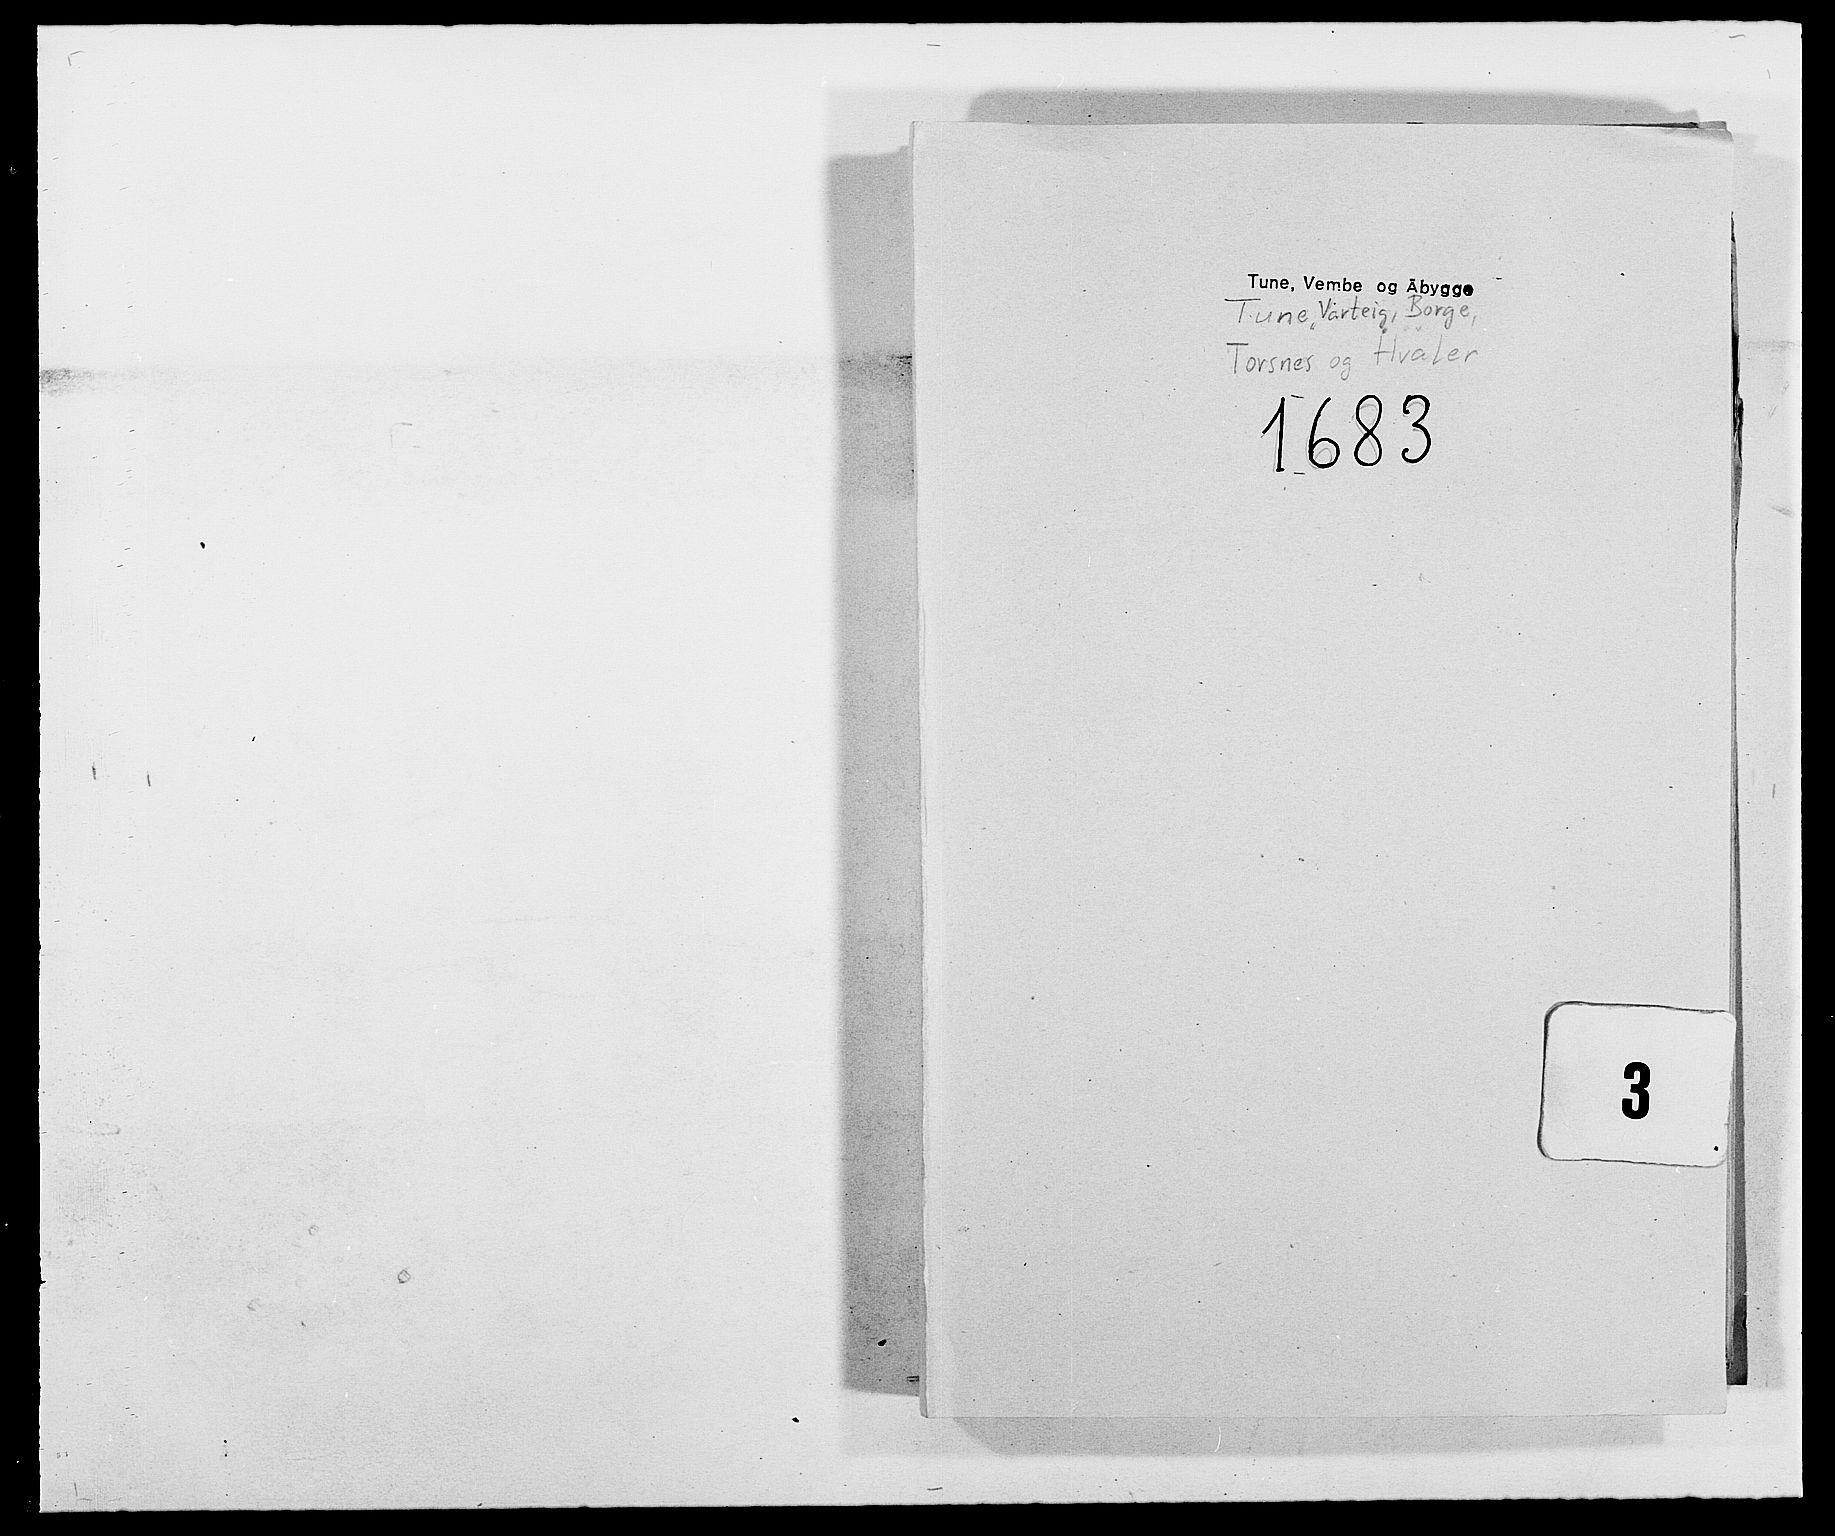 RA, Rentekammeret inntil 1814, Reviderte regnskaper, Fogderegnskap, R03/L0114: Fogderegnskap Onsøy, Tune, Veme og Åbygge fogderi, 1678-1683, s. 340